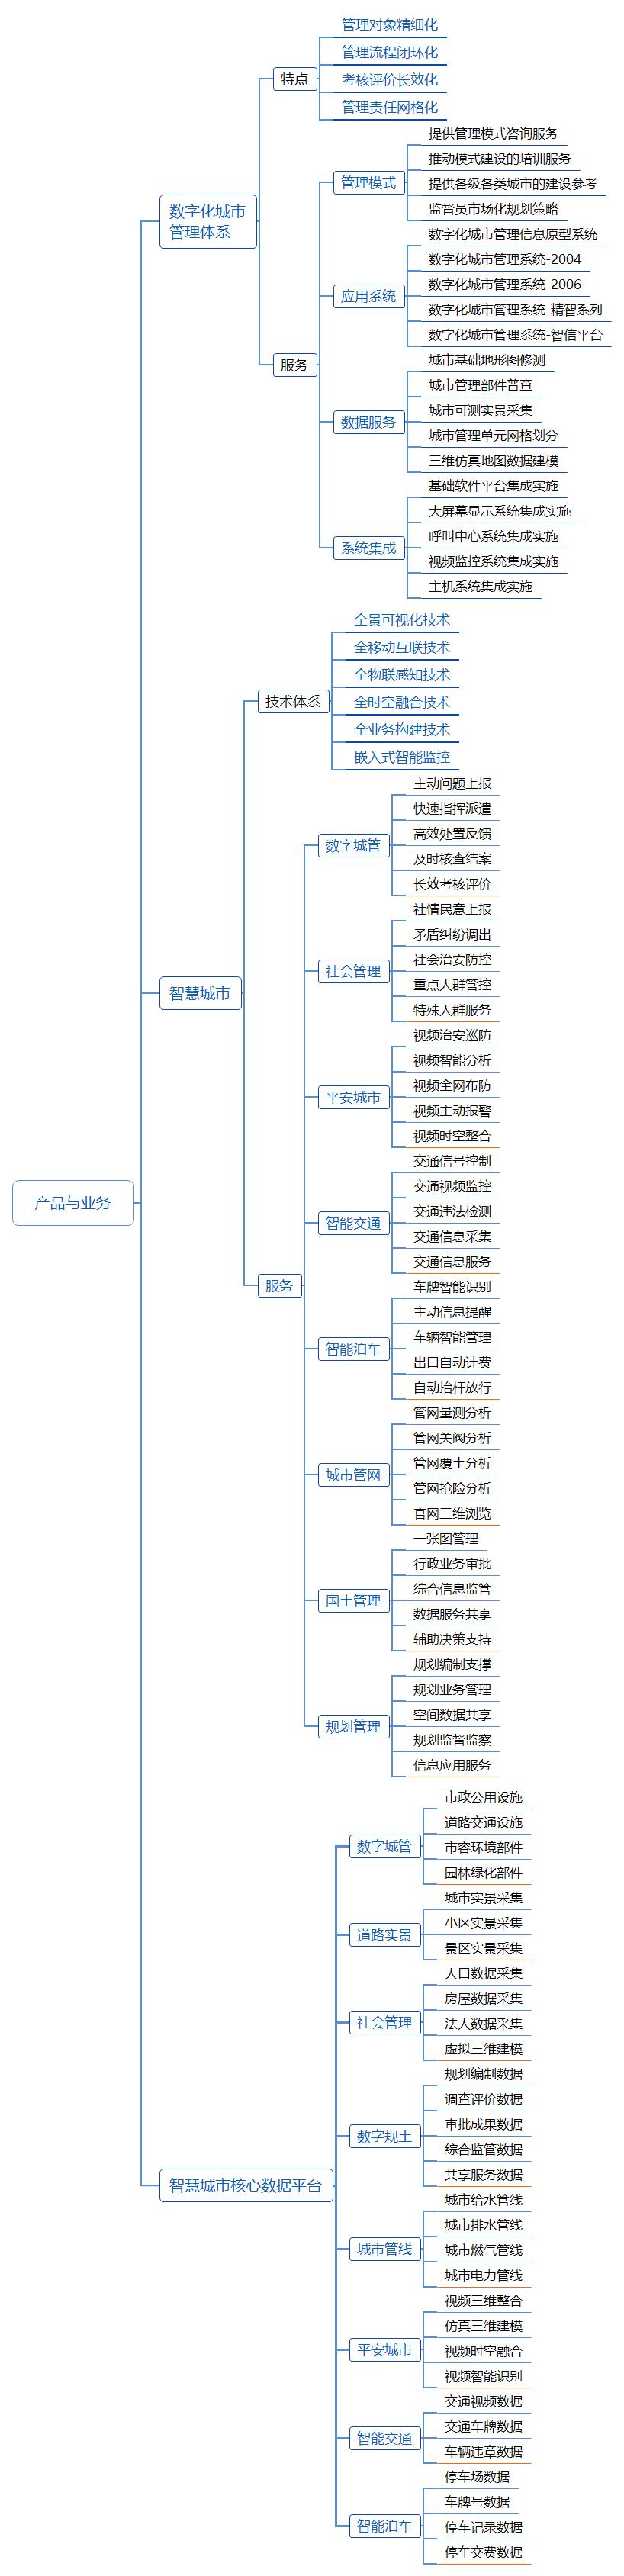 产品领域导图